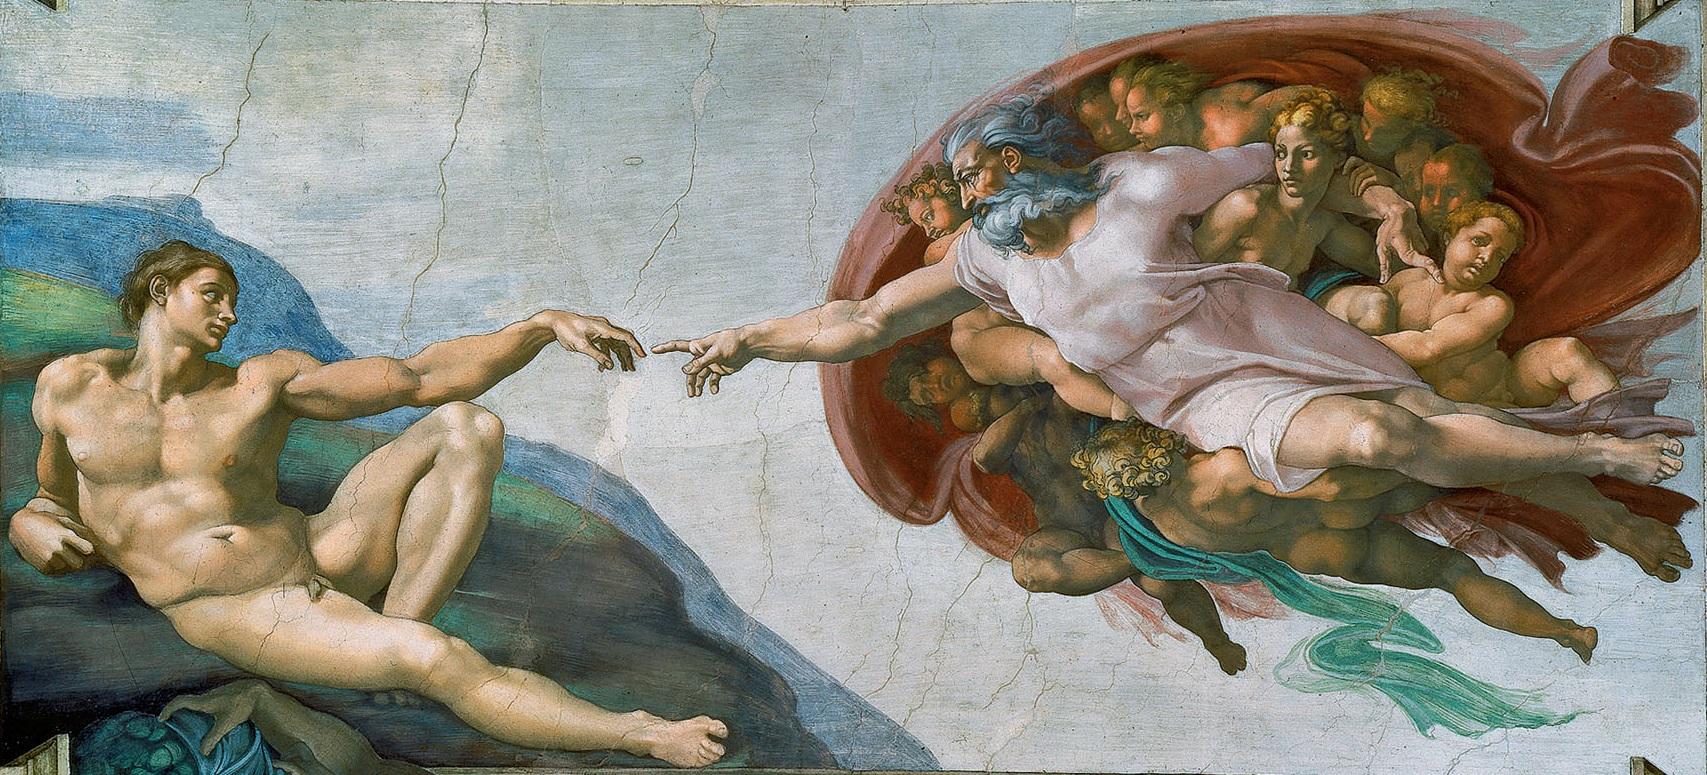 Ý nghĩa ẩn trong 4 kiệt tác hội họa thời Phục Hưng mà giới quý tộc nào cũng am hiểu - Ảnh 3.